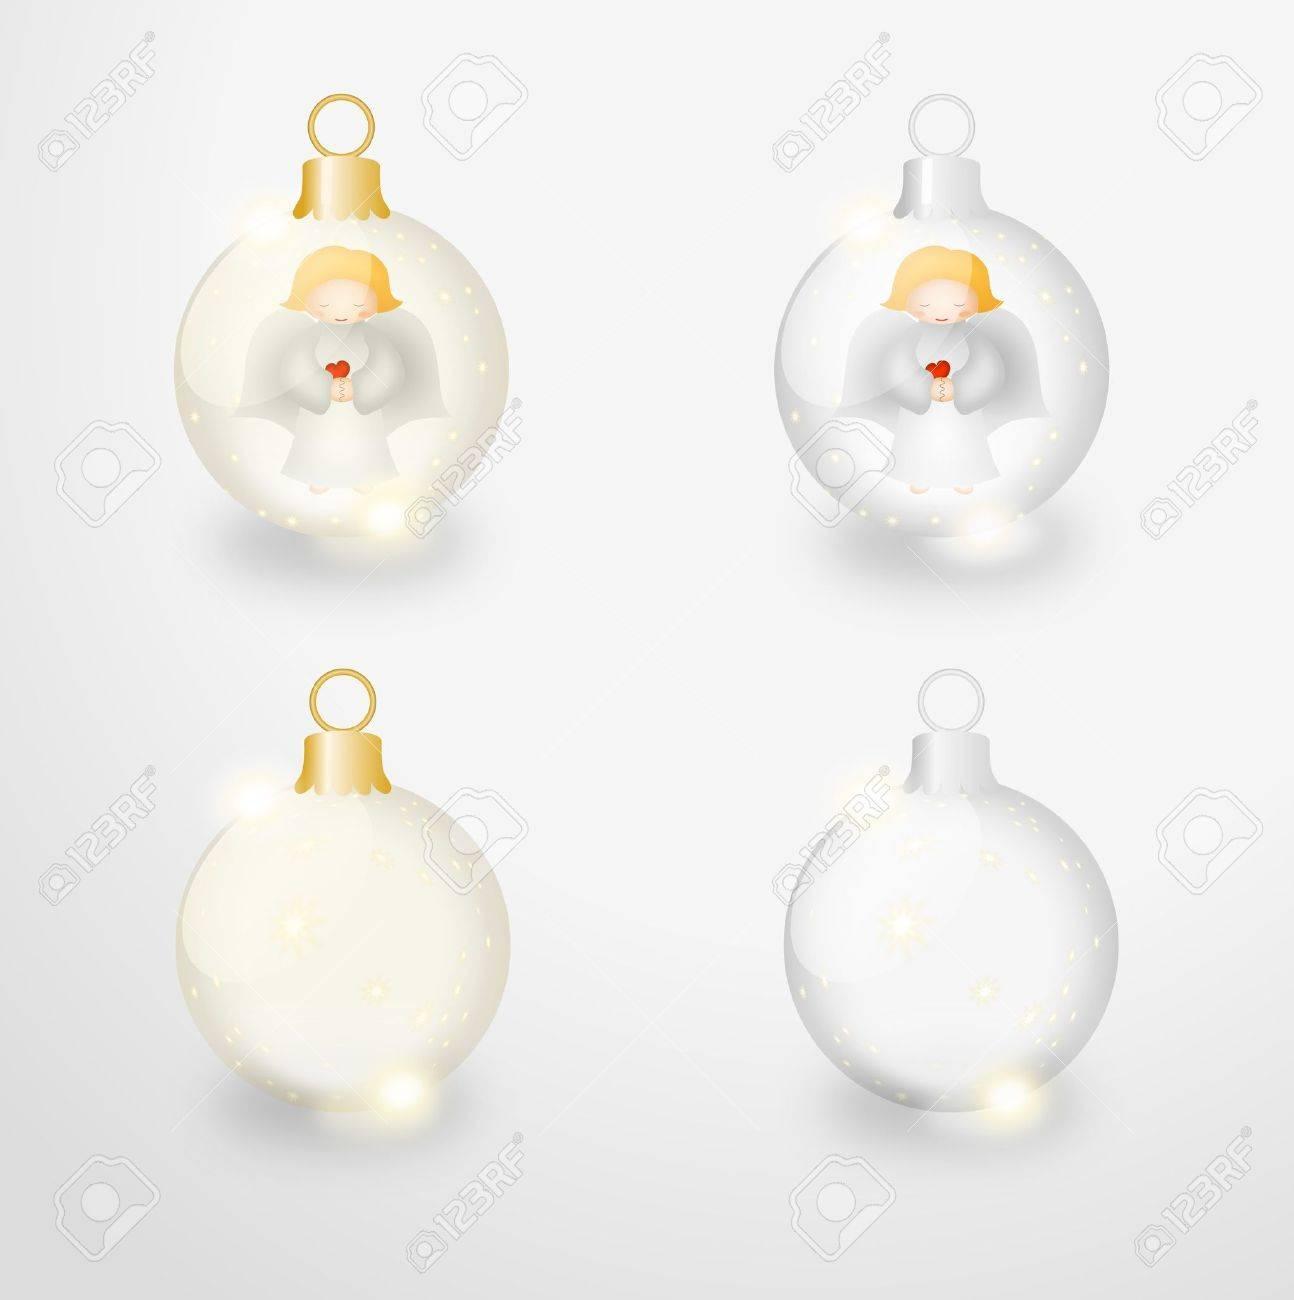 Ilustracion De Mapa De Bits De Cuatro Bolas De Navidad Transparentes - Bolas-de-navidad-transparentes